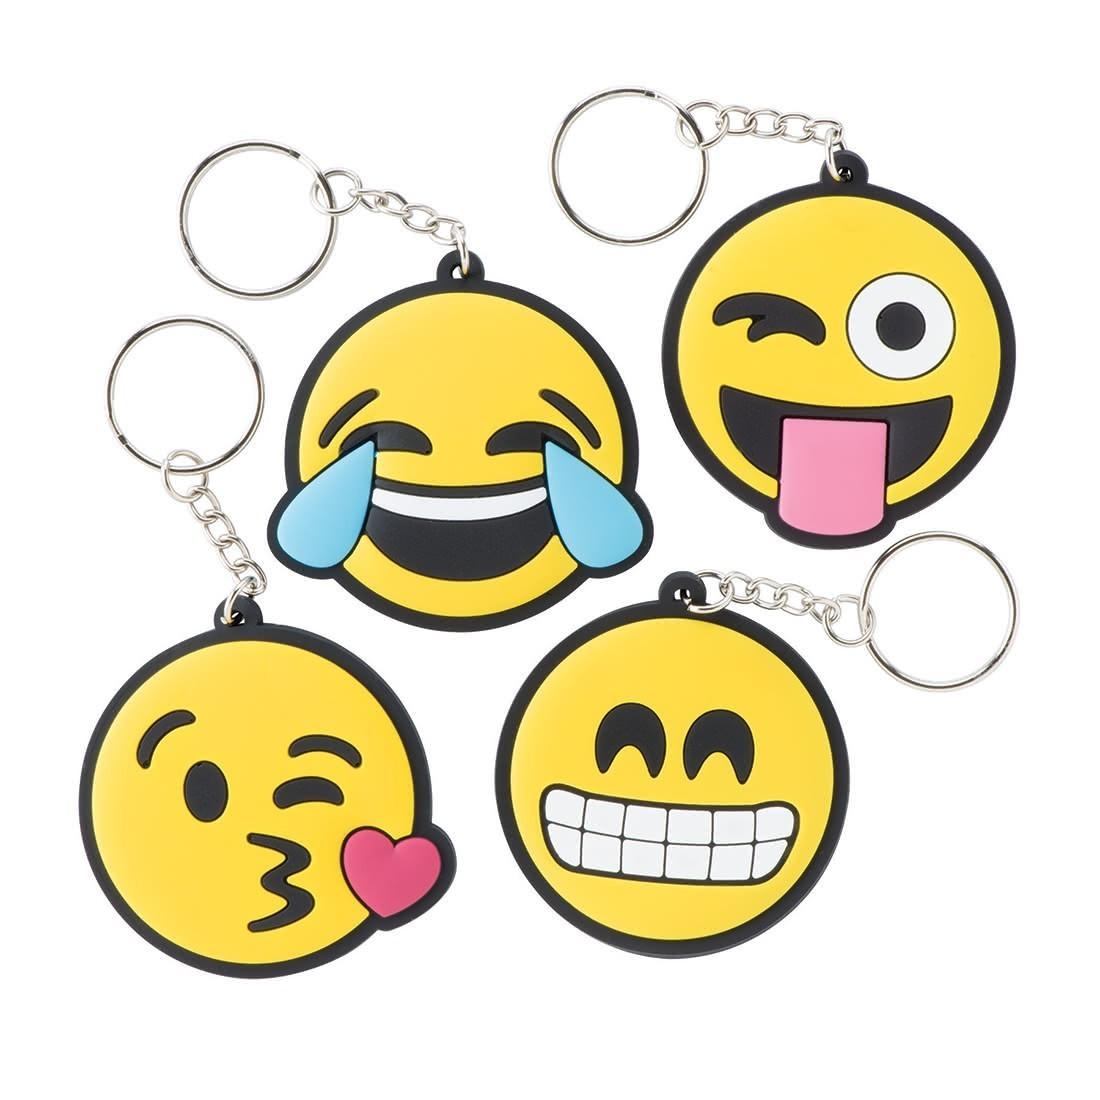 Emoji Rubber Backpack Pulls [image]